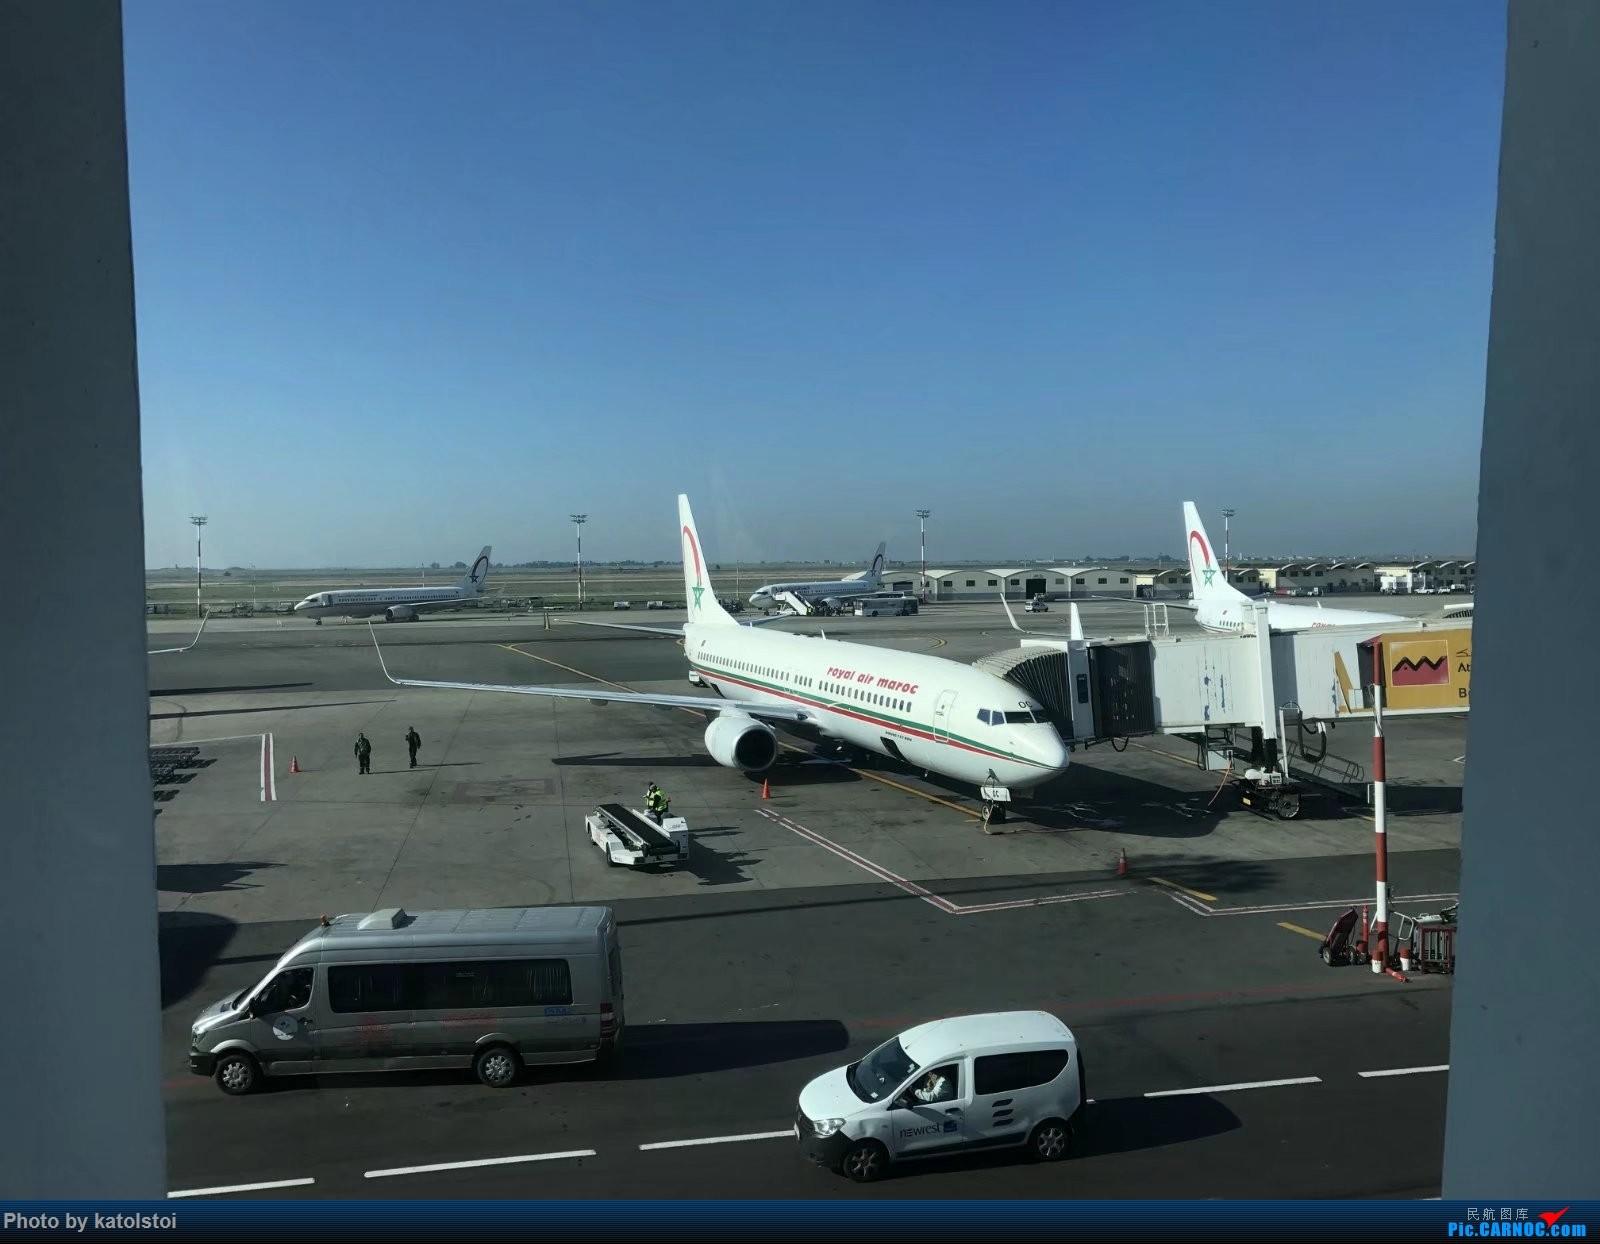 Re:【XMN飞友会小k】伦敦往返摩洛哥的空中之旅~第一次踏上非洲大陆~